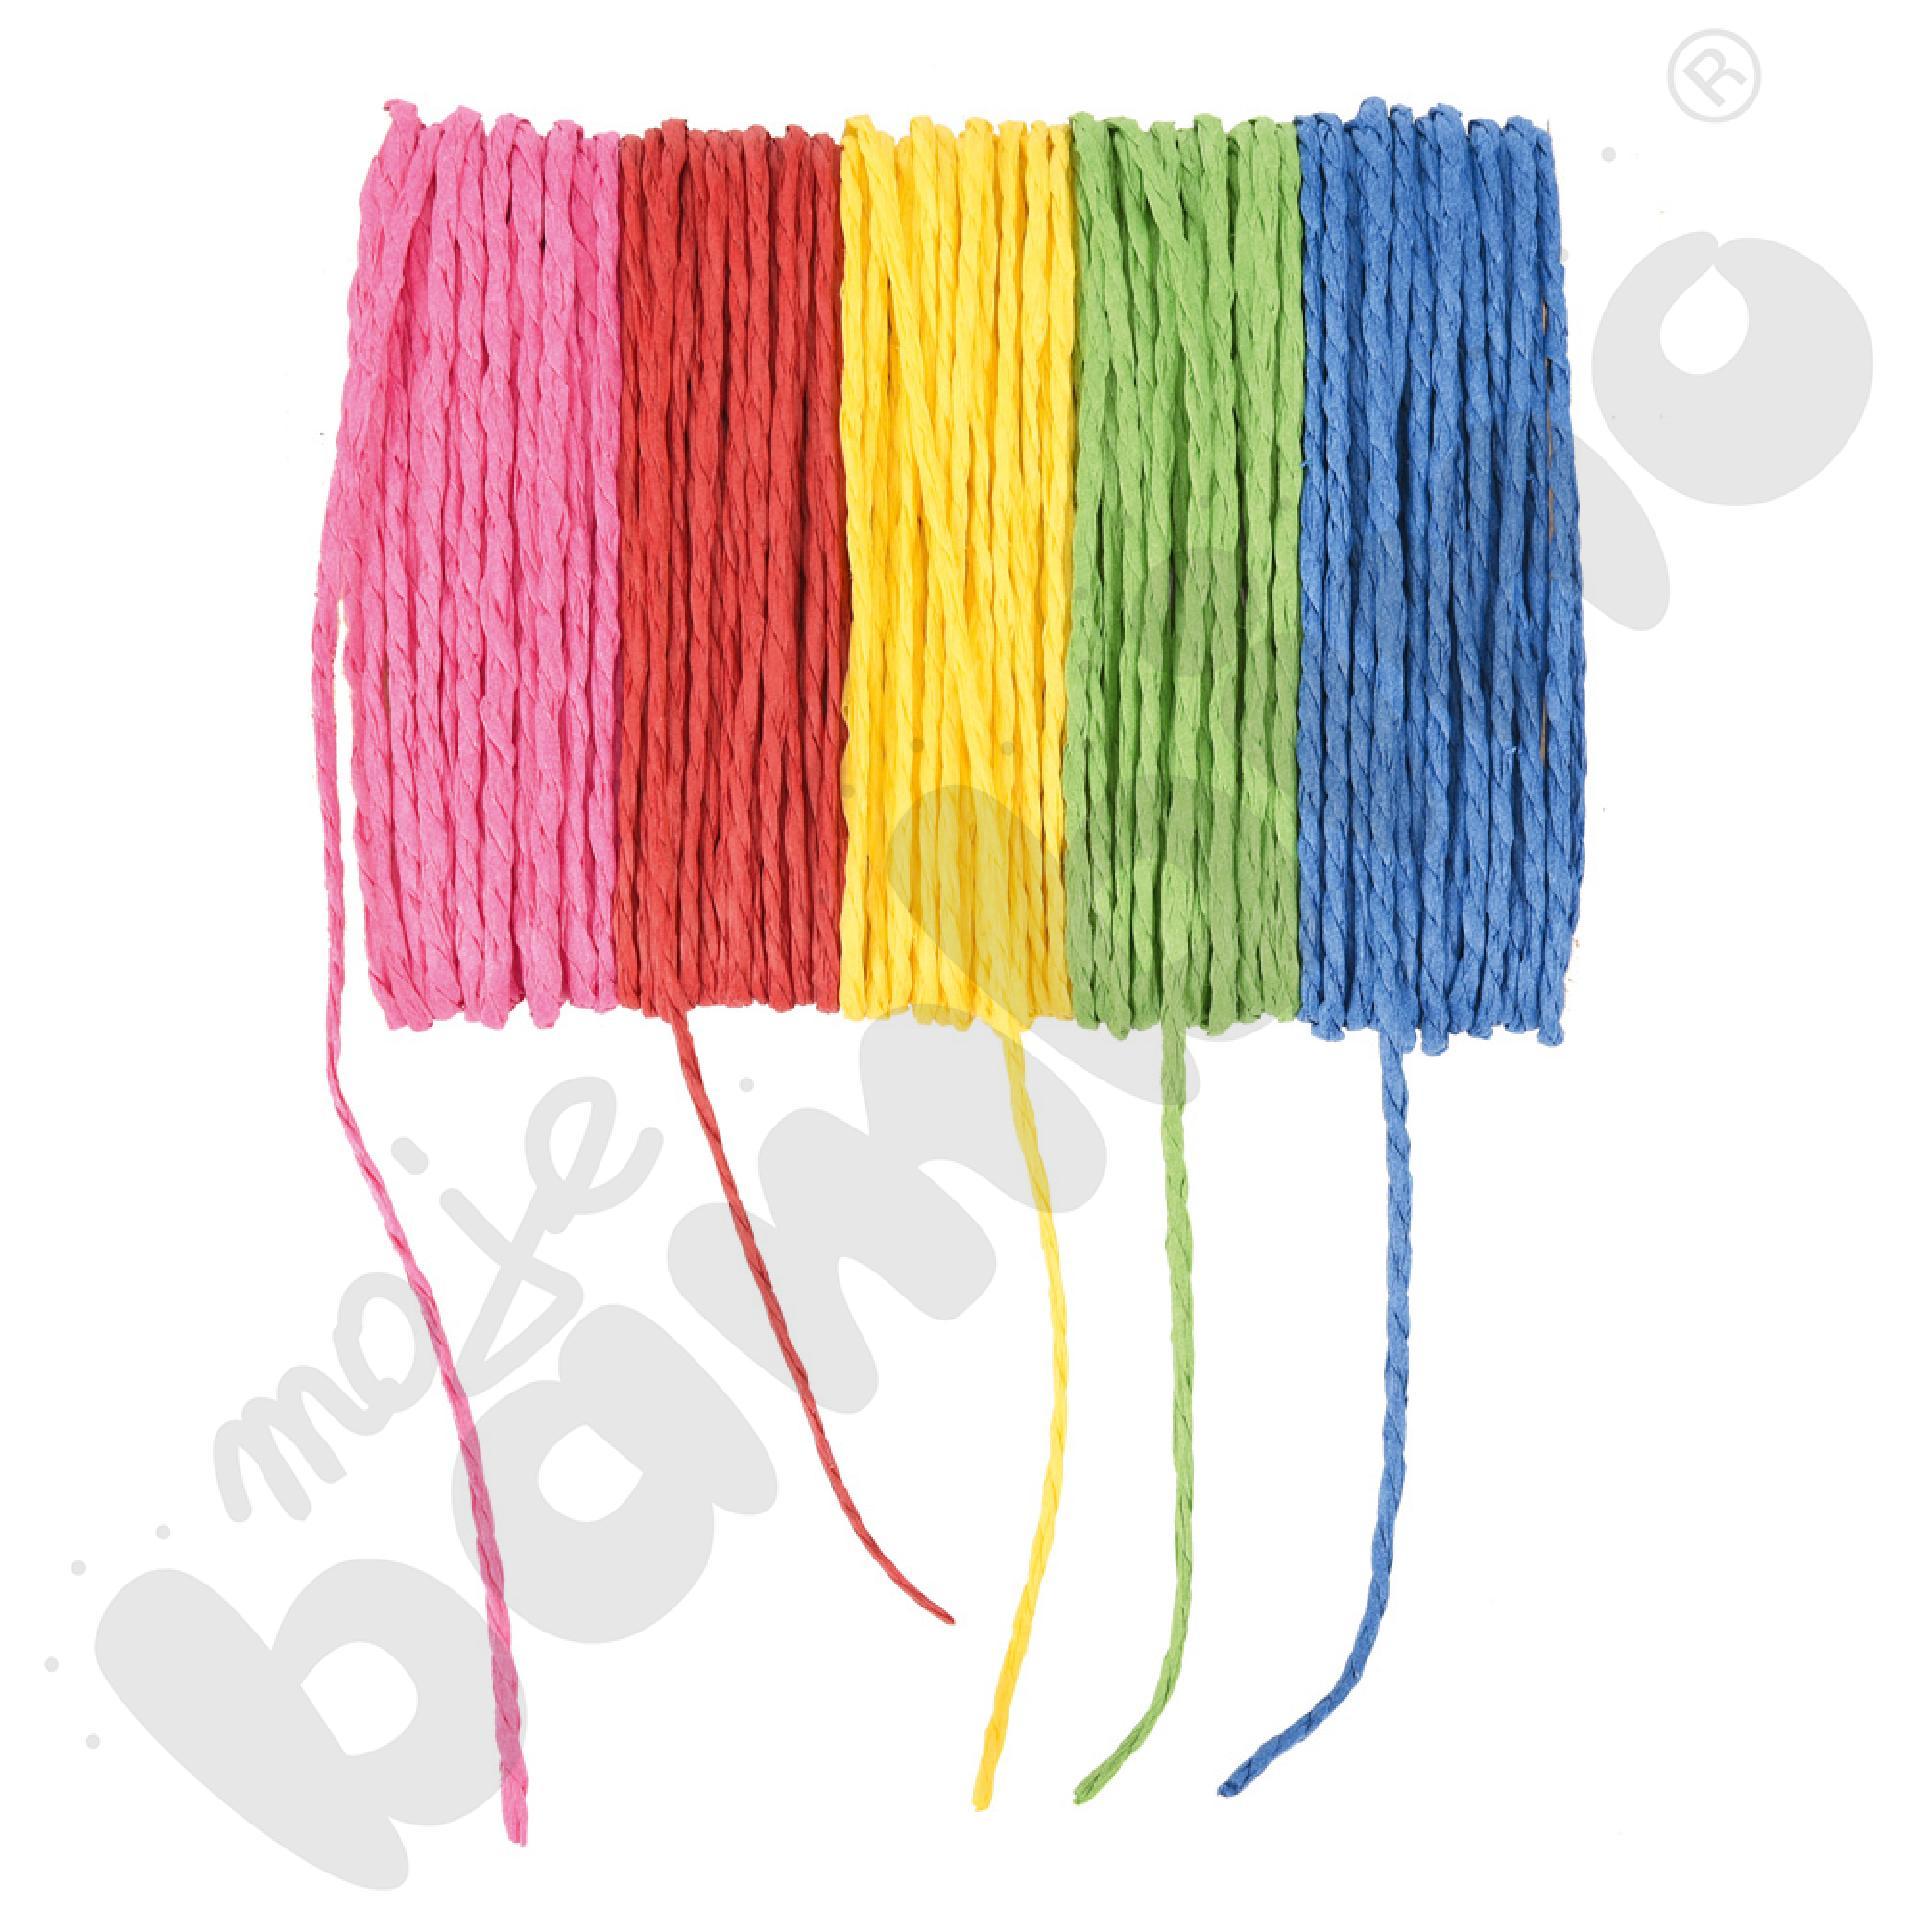 Sznurki papierowe - różne kolory